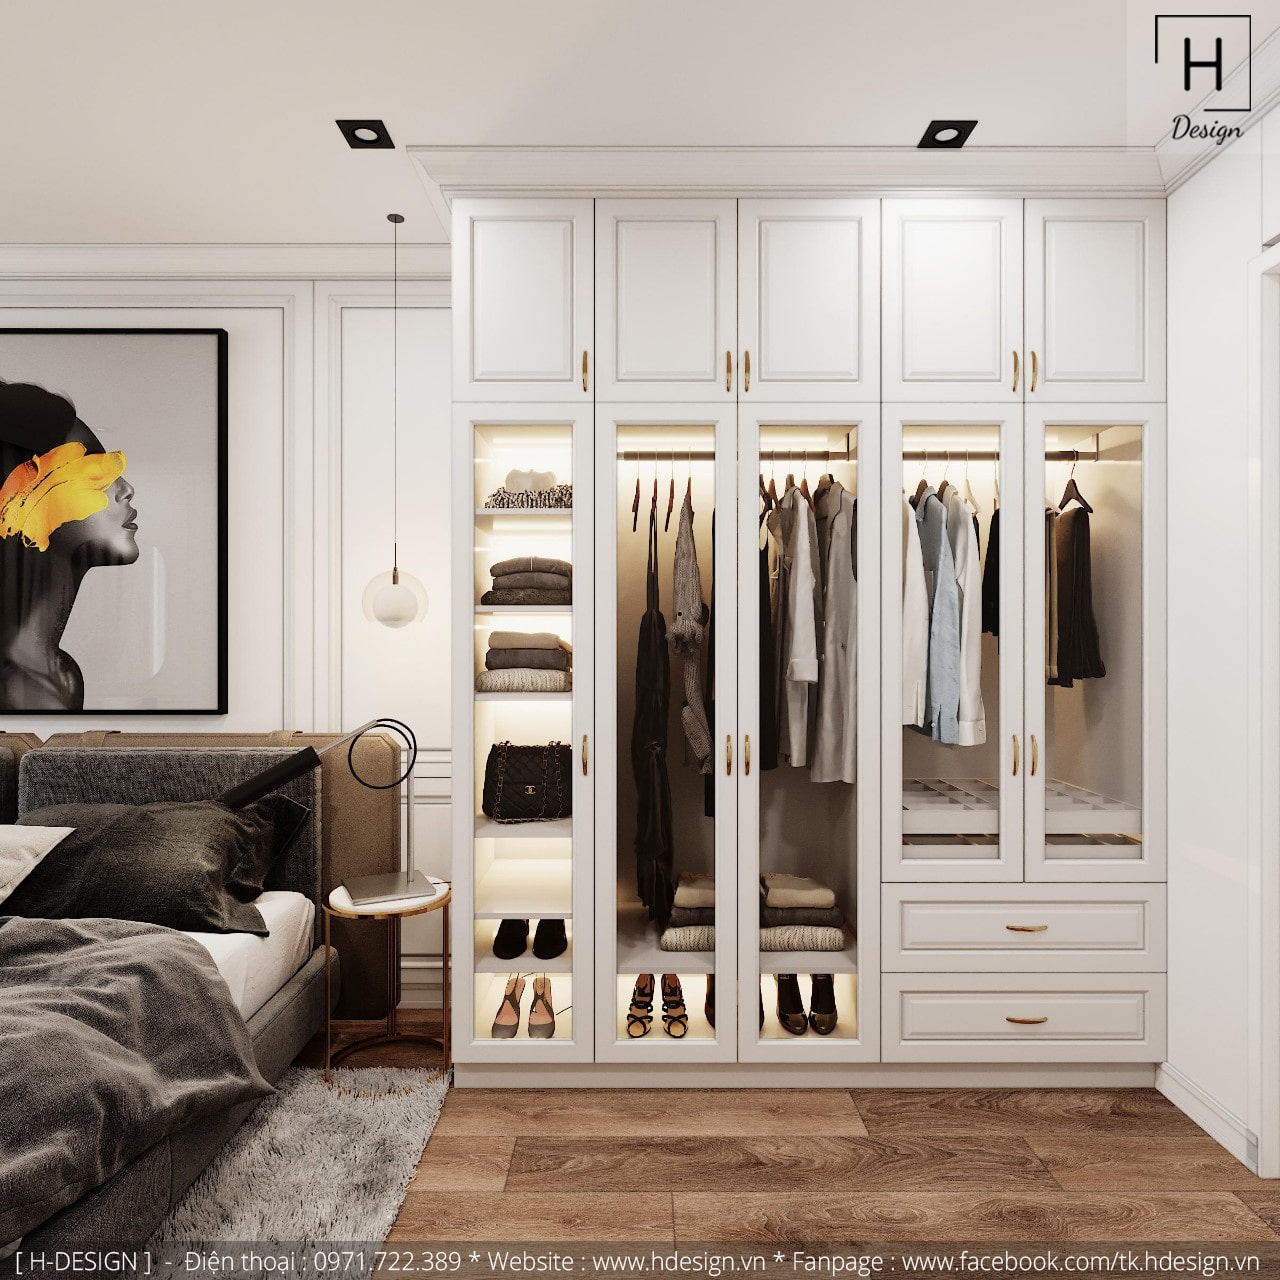 Thiết kế thi công nội thất đẹp cho căn hộ chung cư 86m2 -06